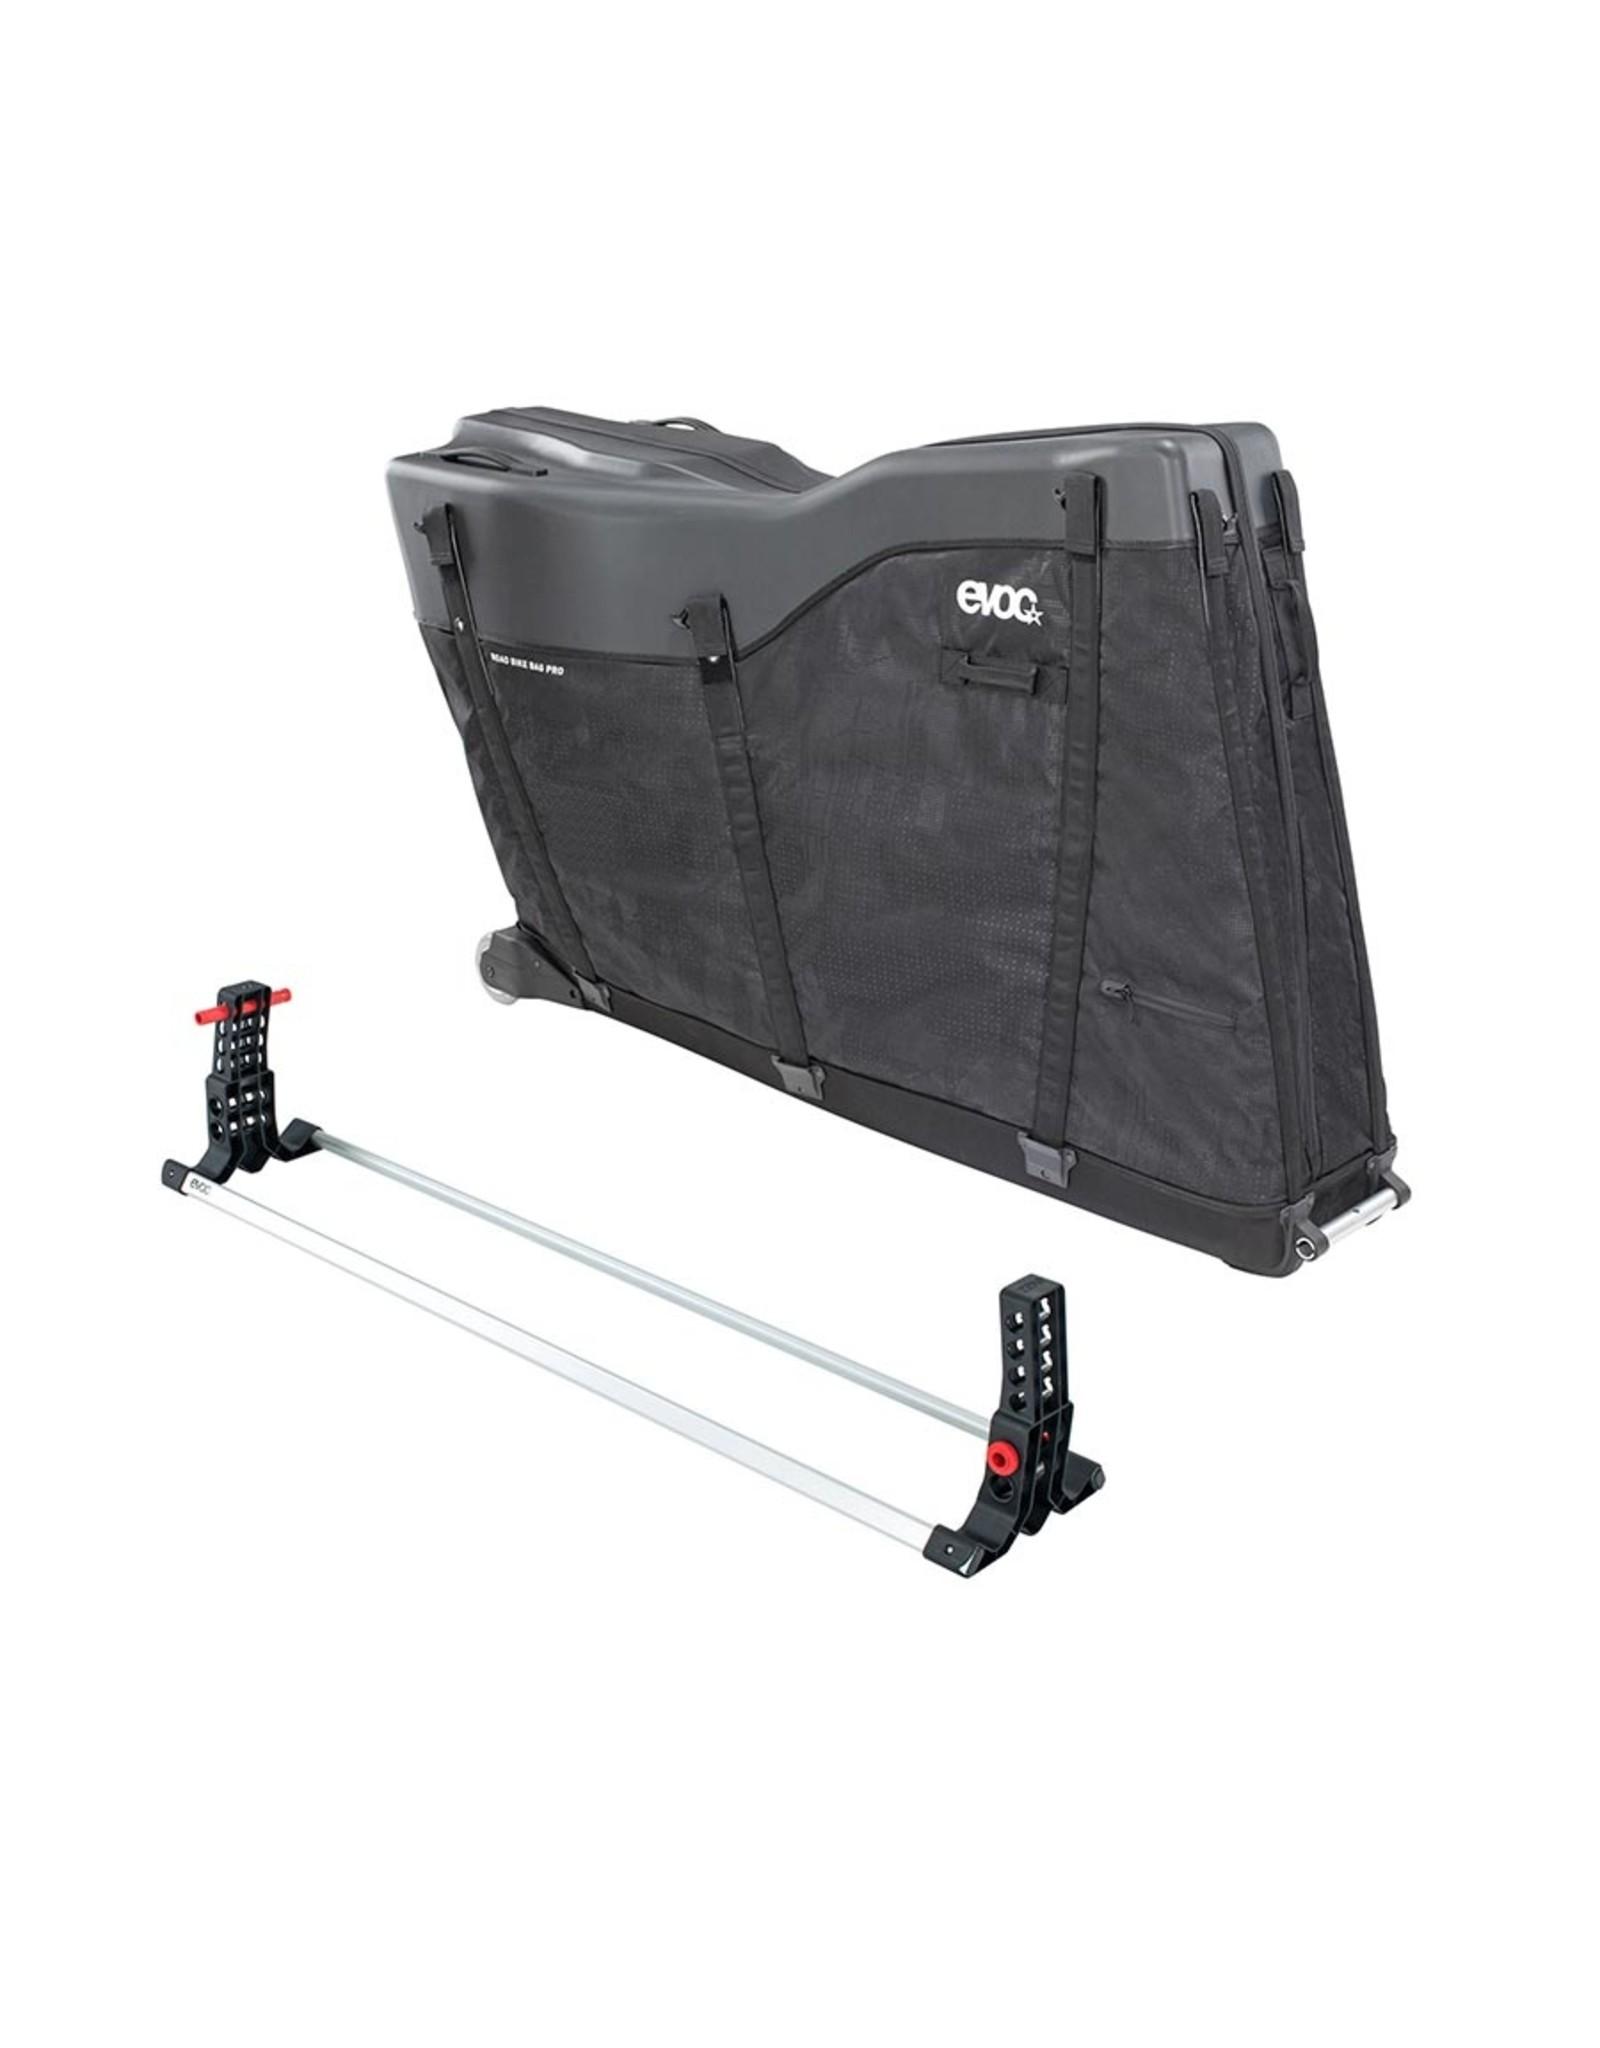 EVOC EVOC Road Bike Bag Pro